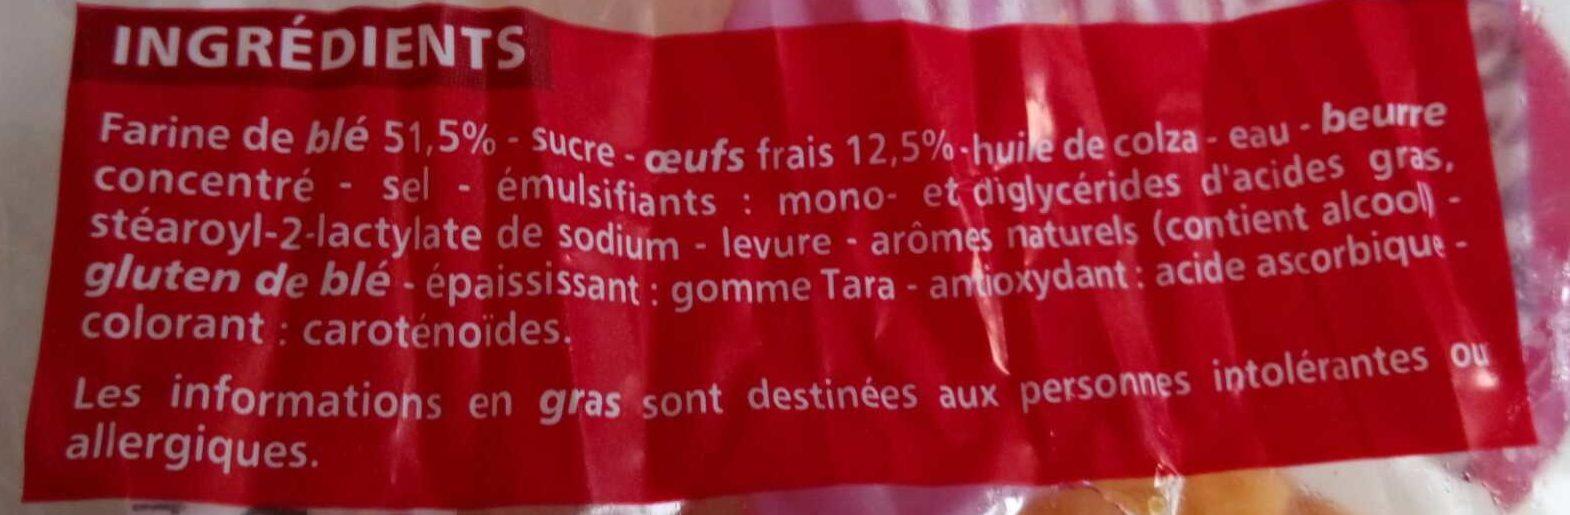 Brioche tranchée aux oeufs frais - Ingrédients - fr